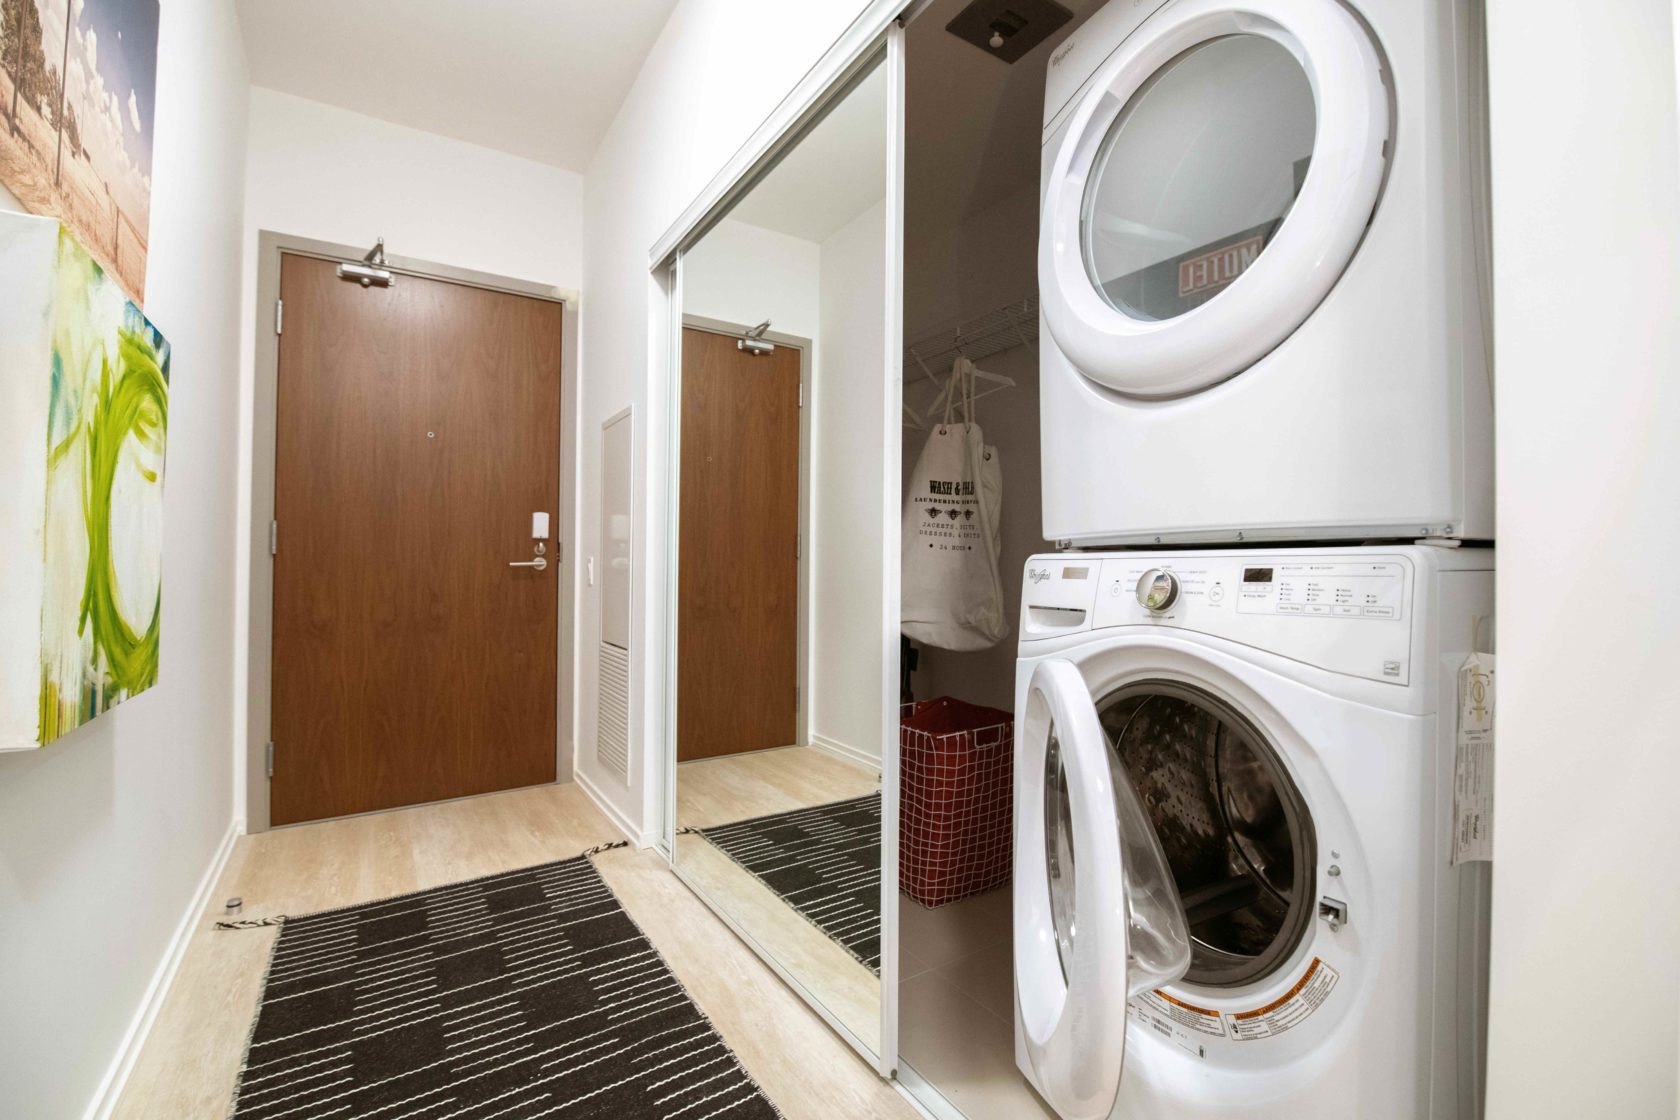 Livmore Suite apartment unit entrance